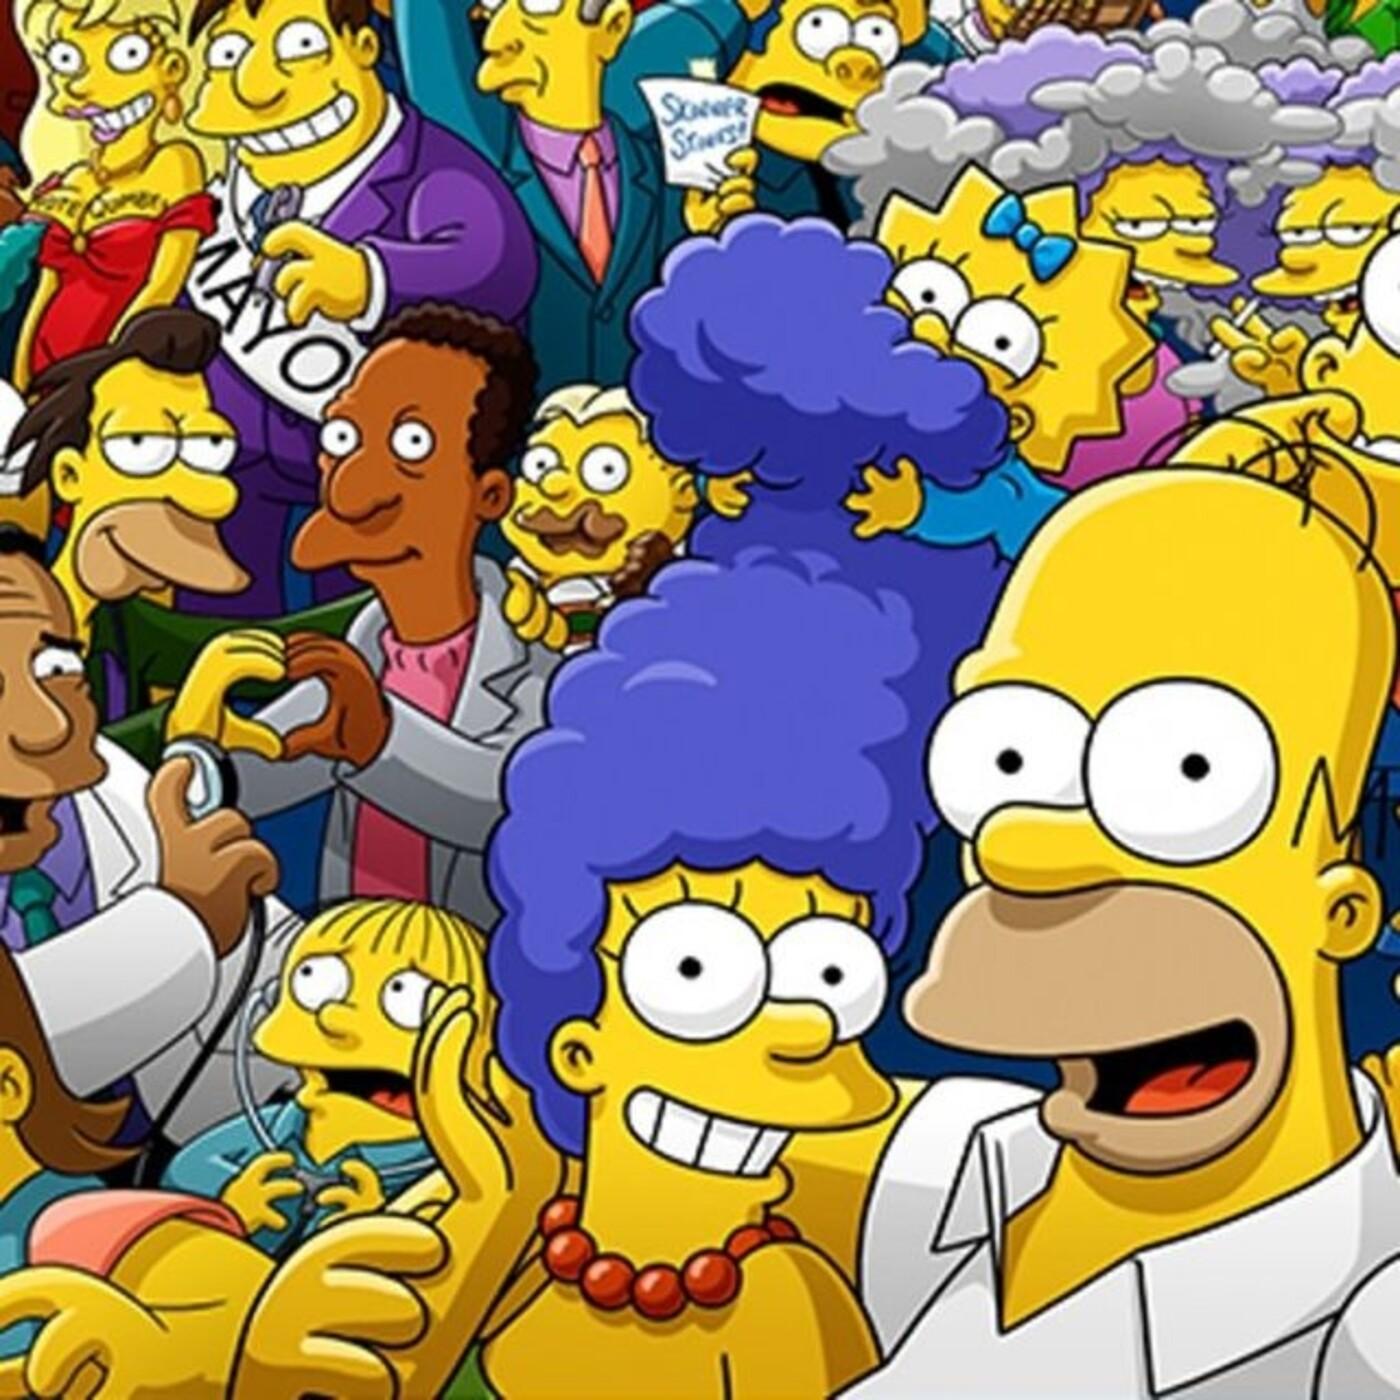 Los Simpson T 20 ep. 19, 20 (2009) #Animación #Comedia #Familia #peliculas #audesc #podcast